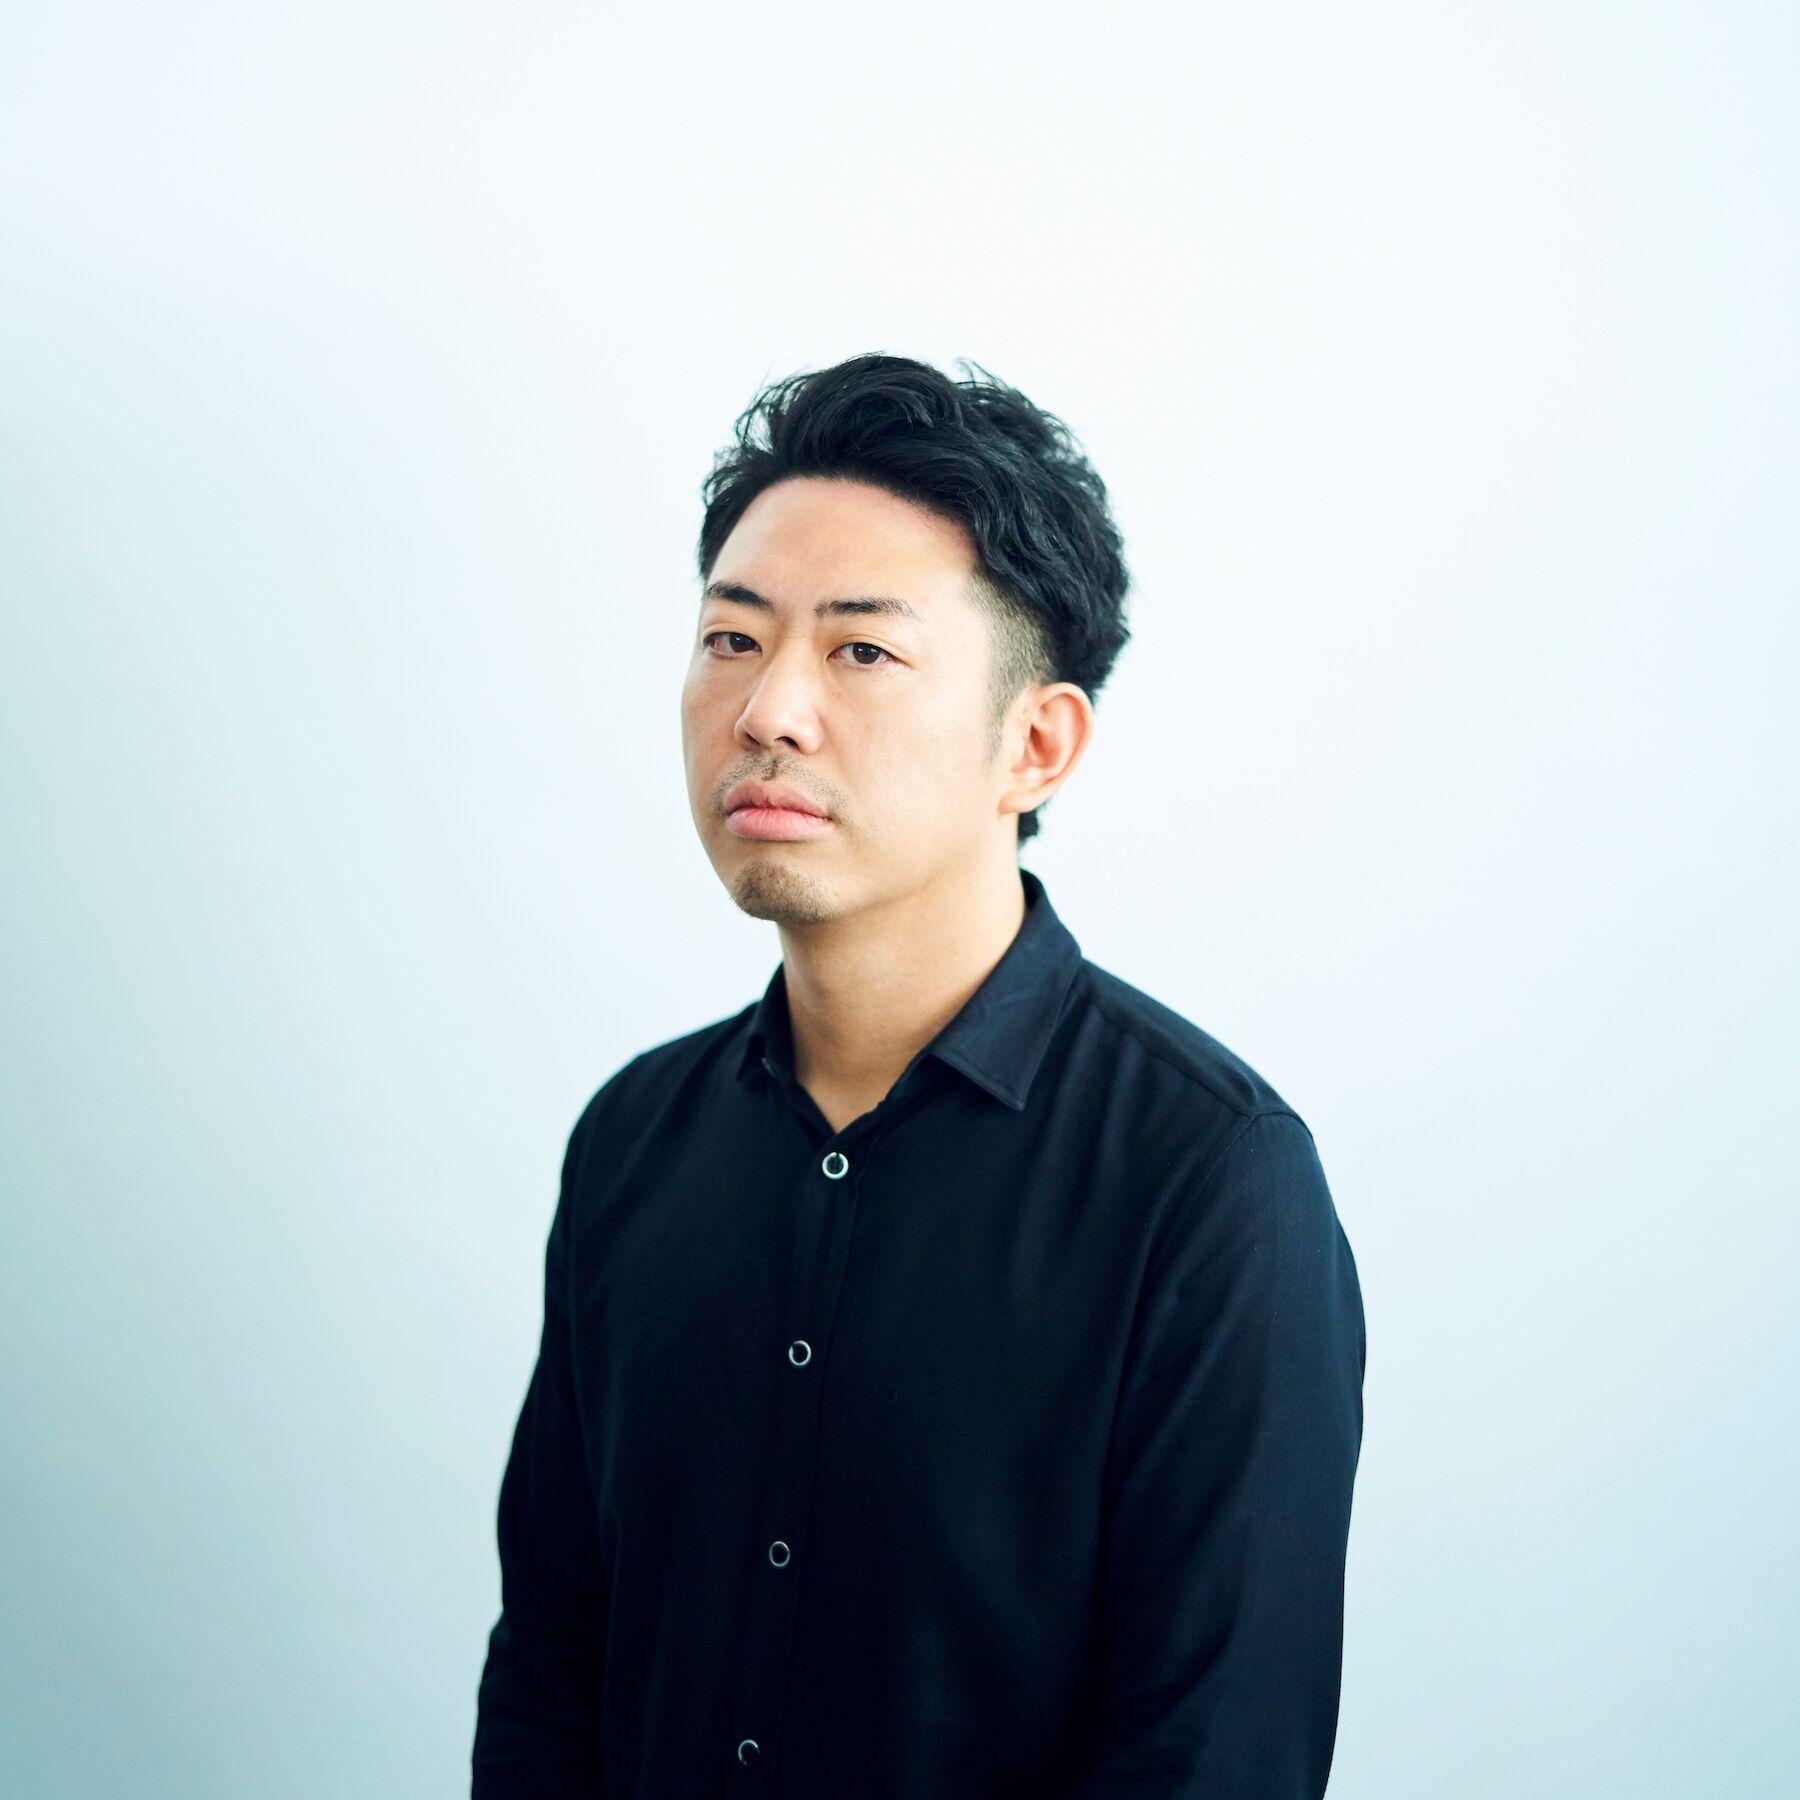 プロダクトデザイナー鈴木啓太さん